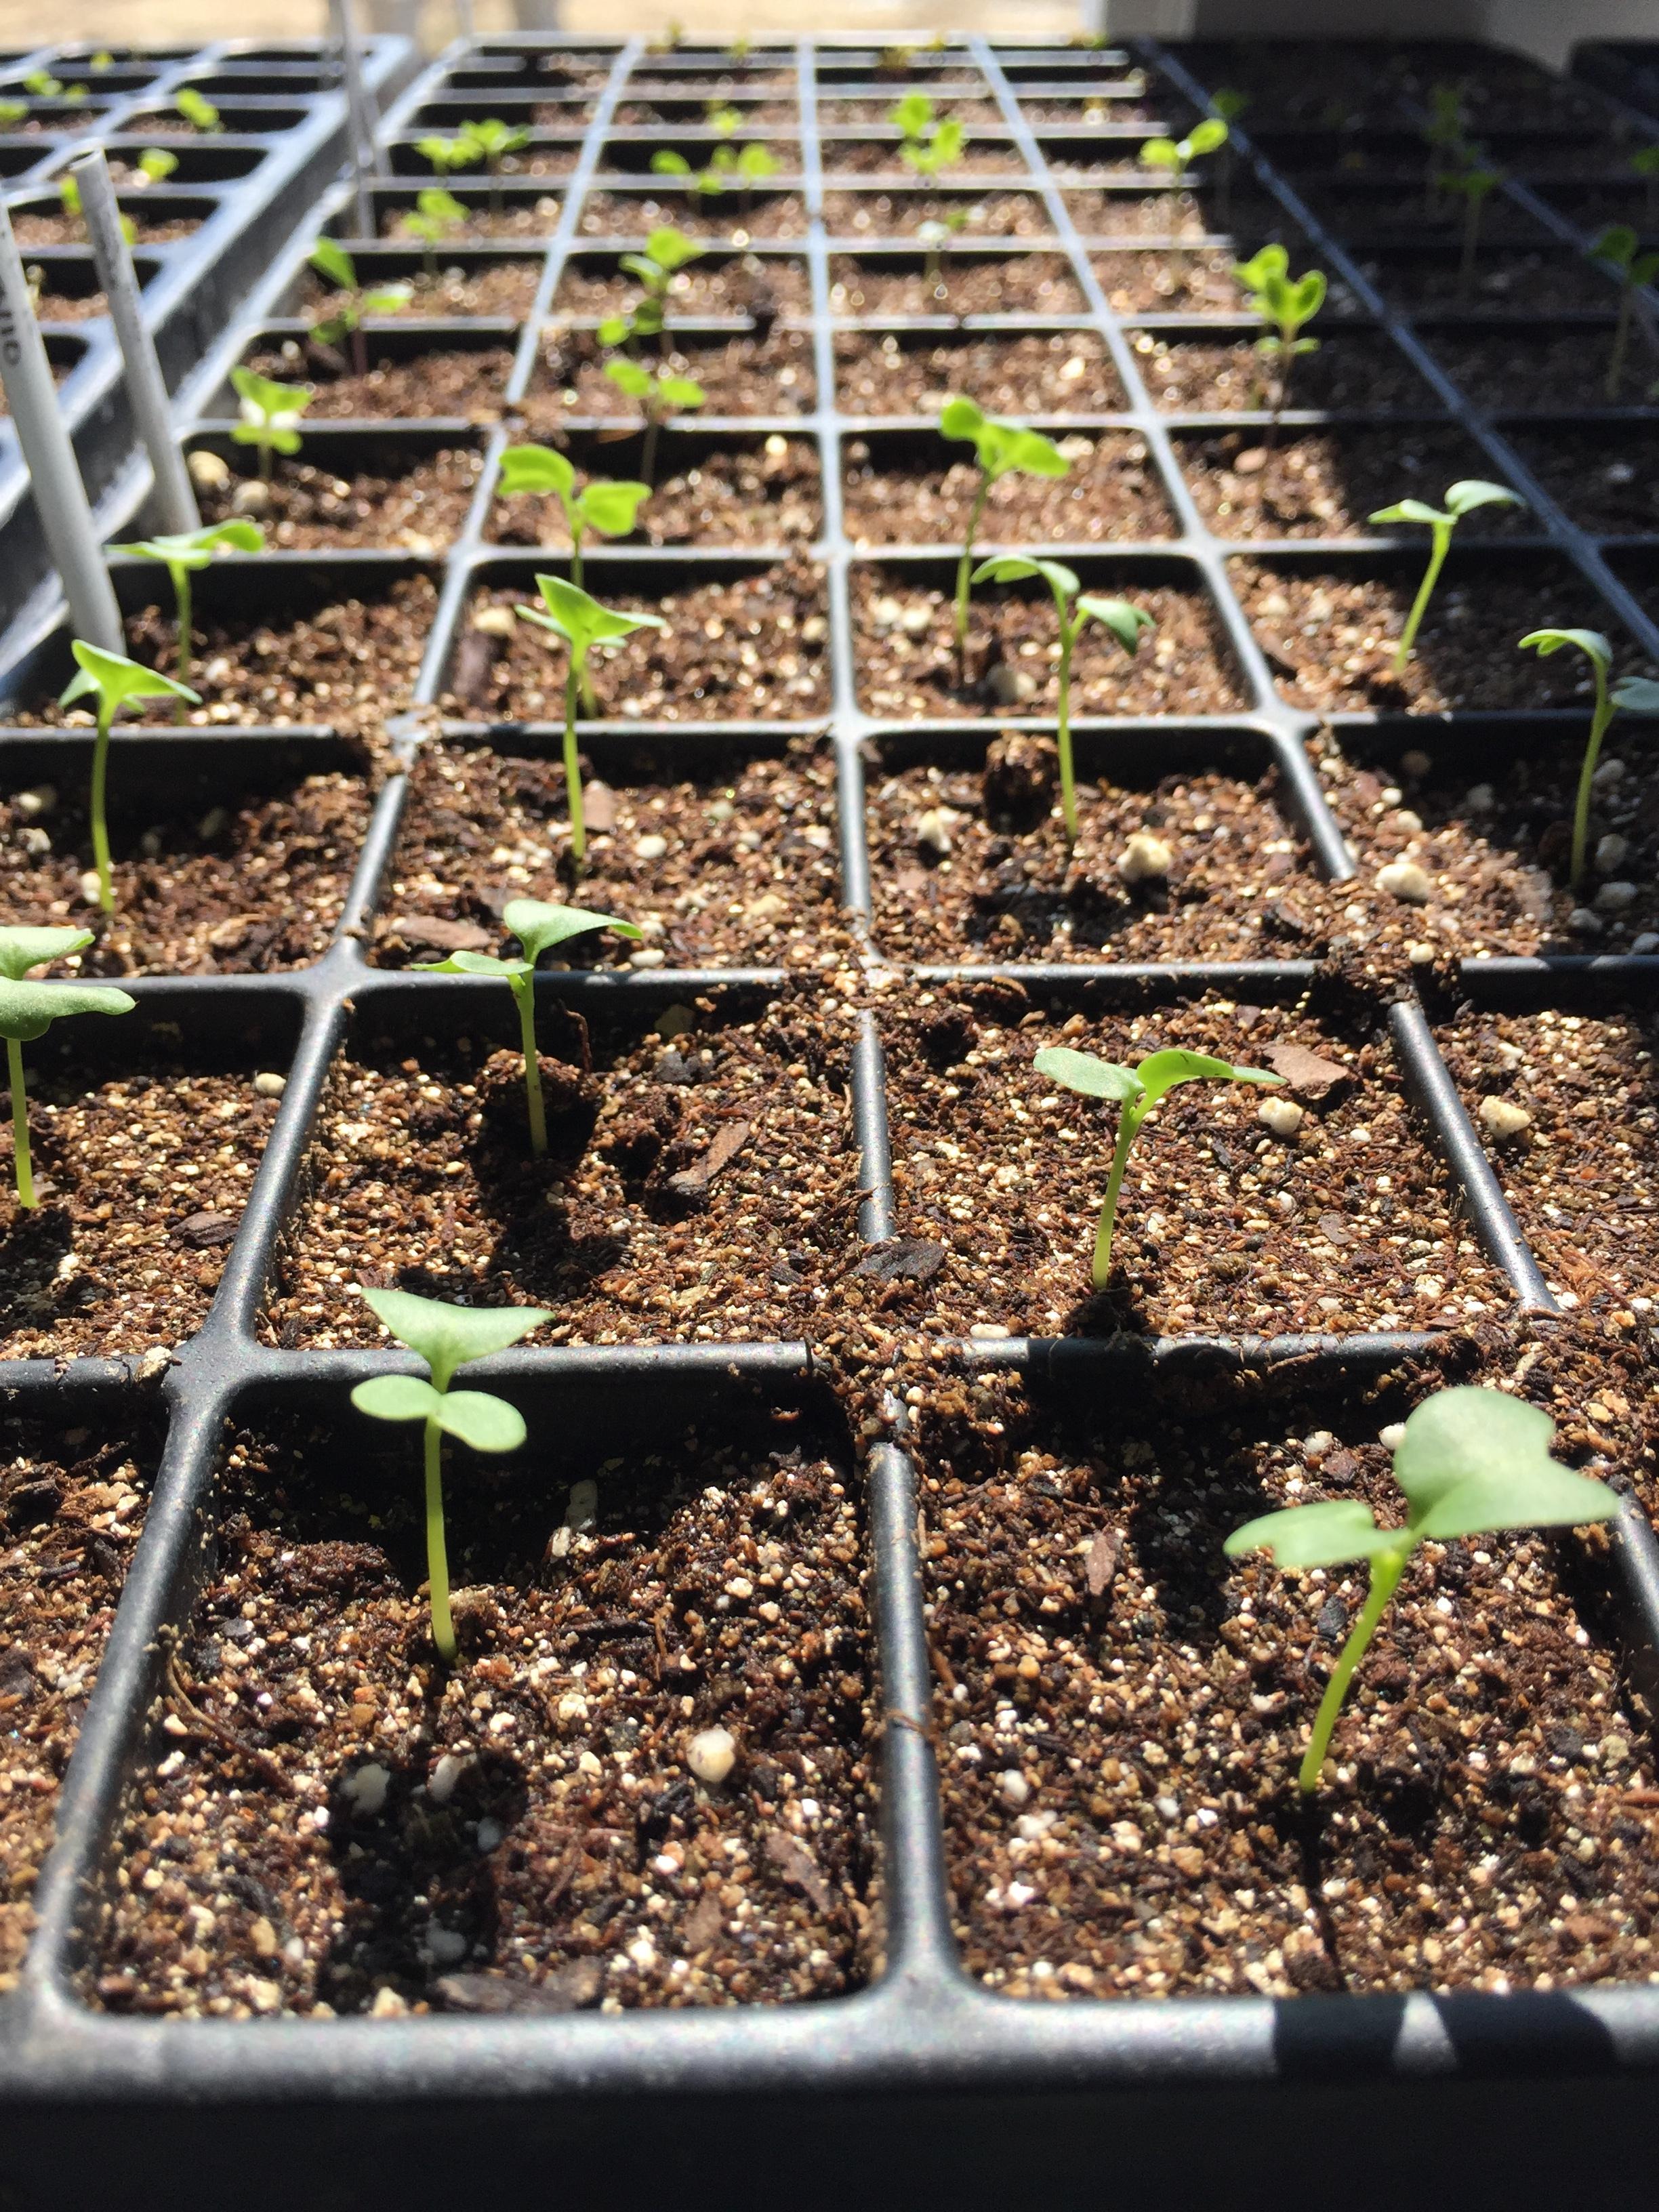 Seedlings in afternoon sun.